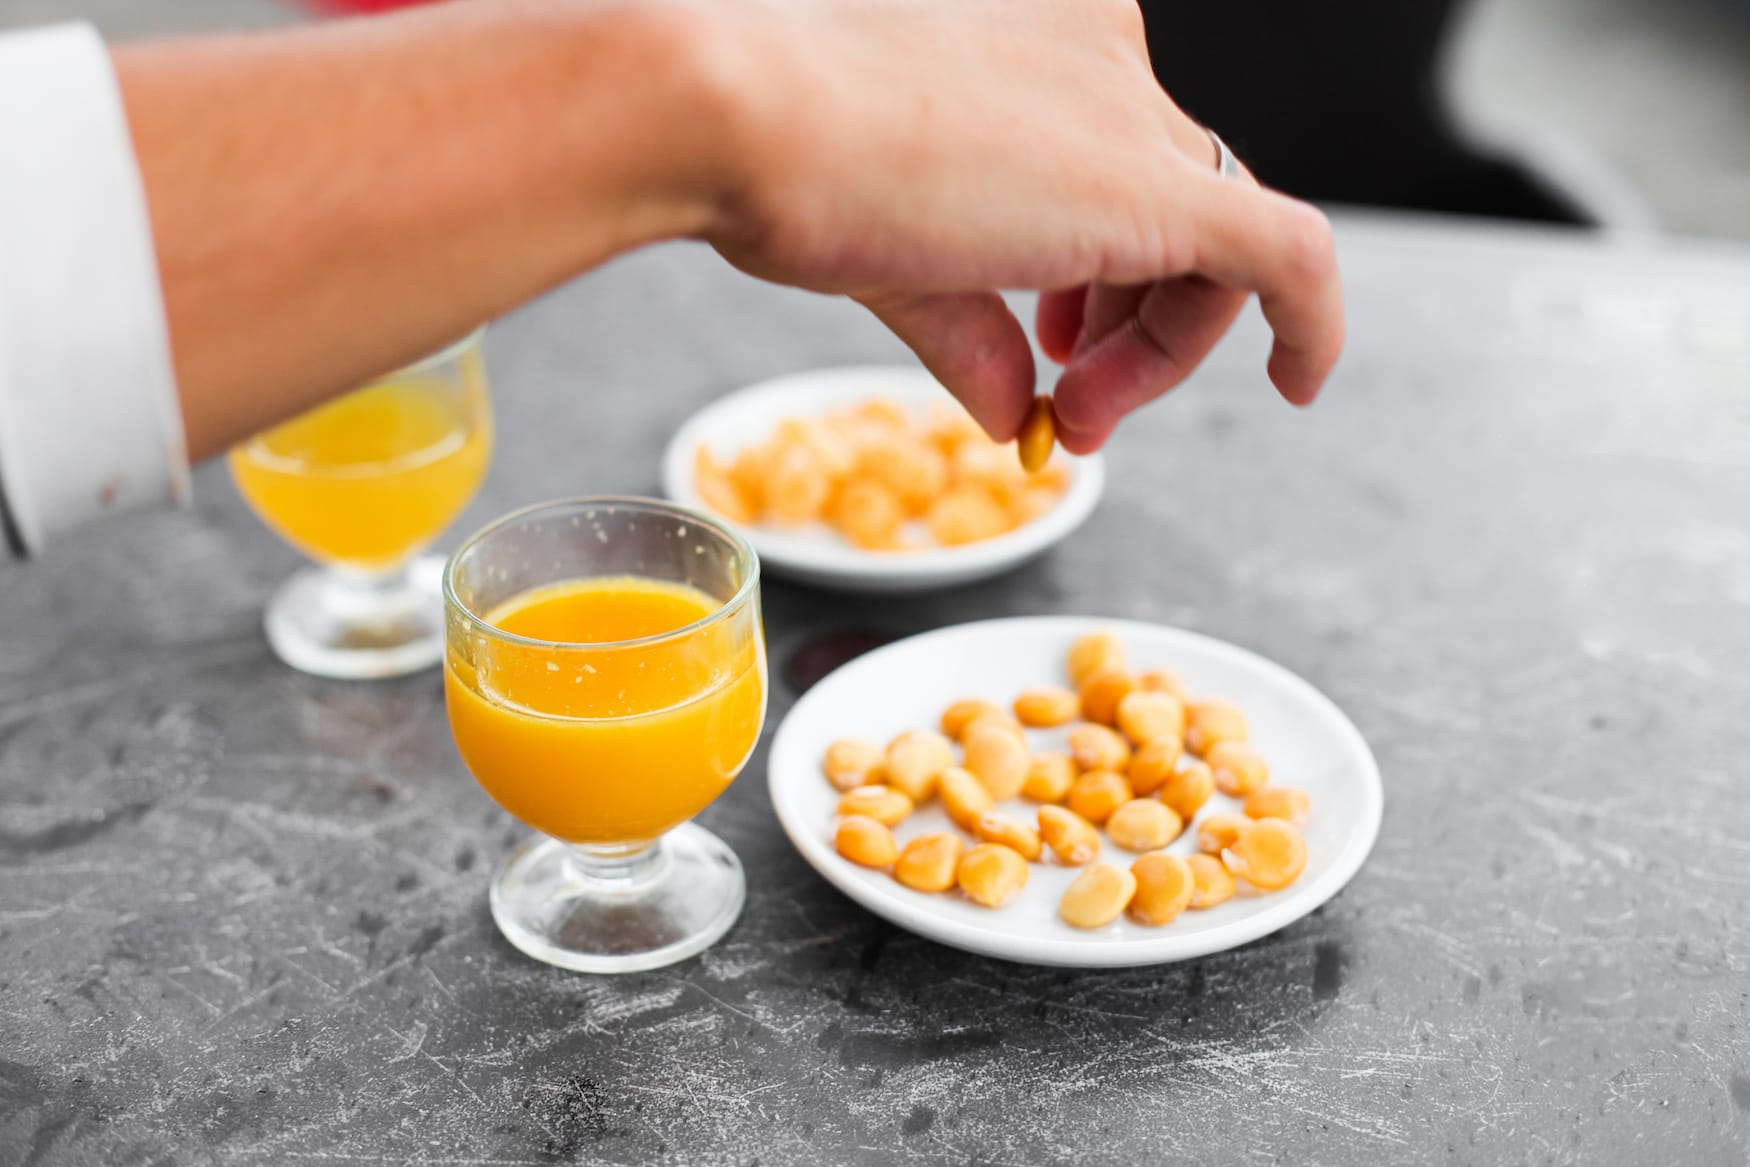 Einer unserer Madeira-Tipps: Das typische Getränk Poncha probieren